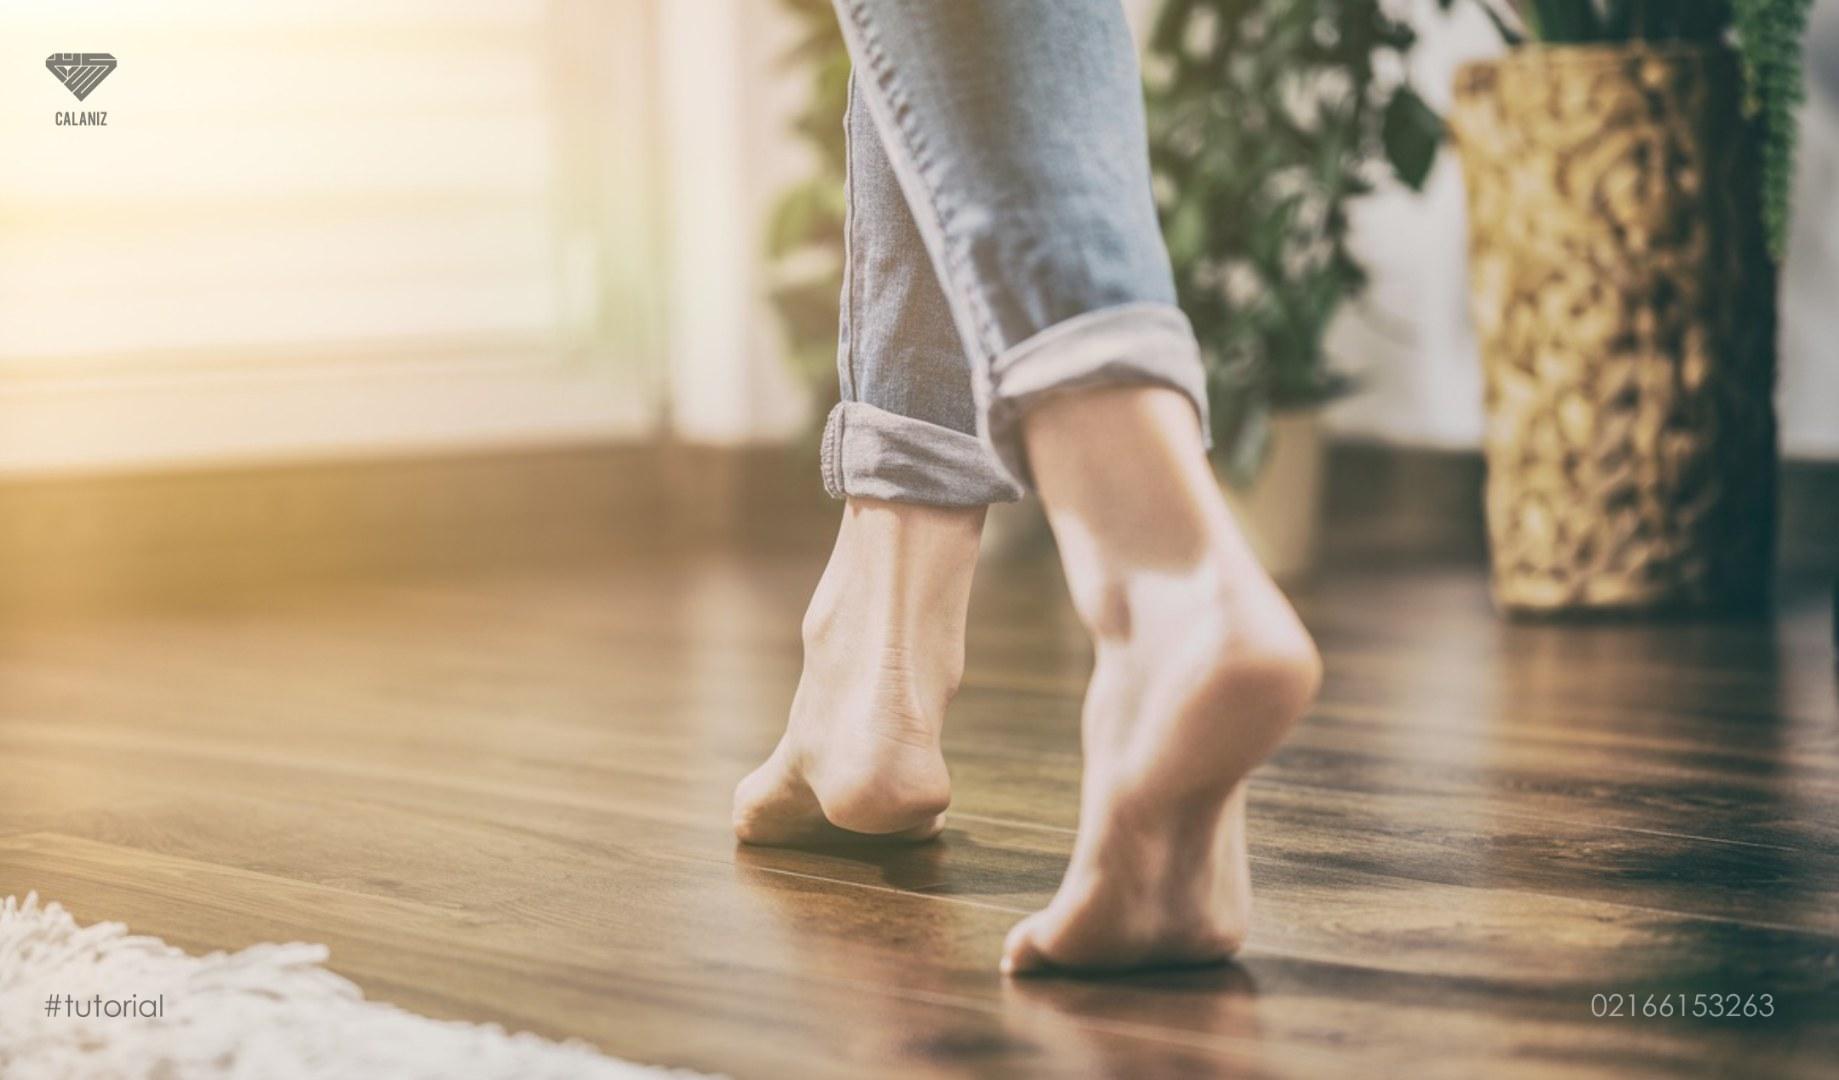 کدام نوع لوله برای سیستم گرمایش از کف مناسب تر است؟